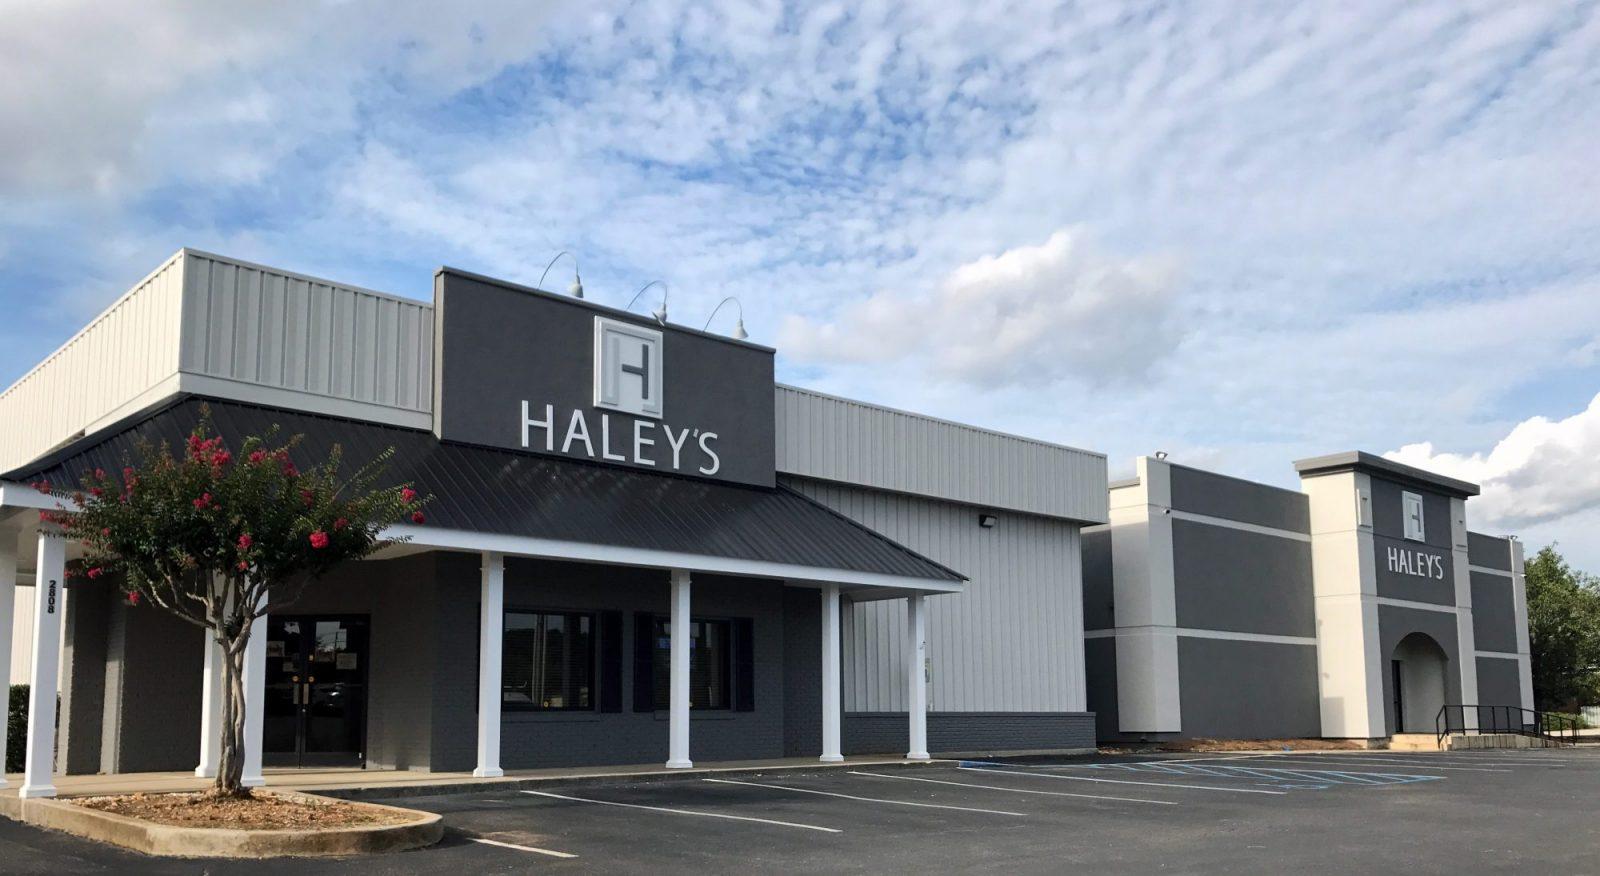 Store Front Hayleys   Haley's Flooring & Interiors